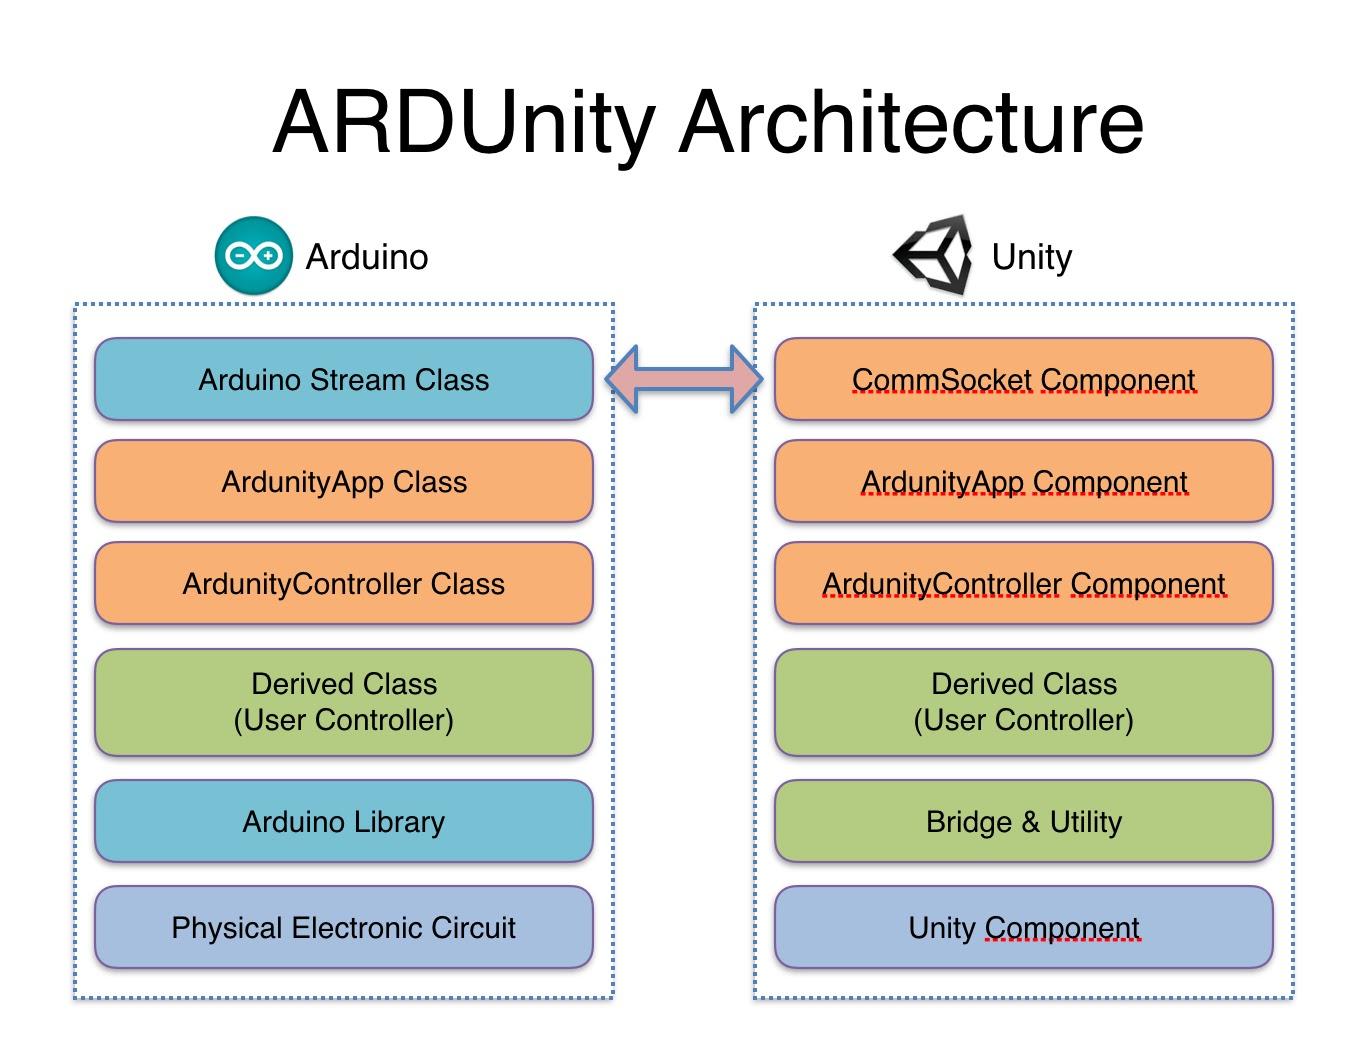 Add ardunity controller documents